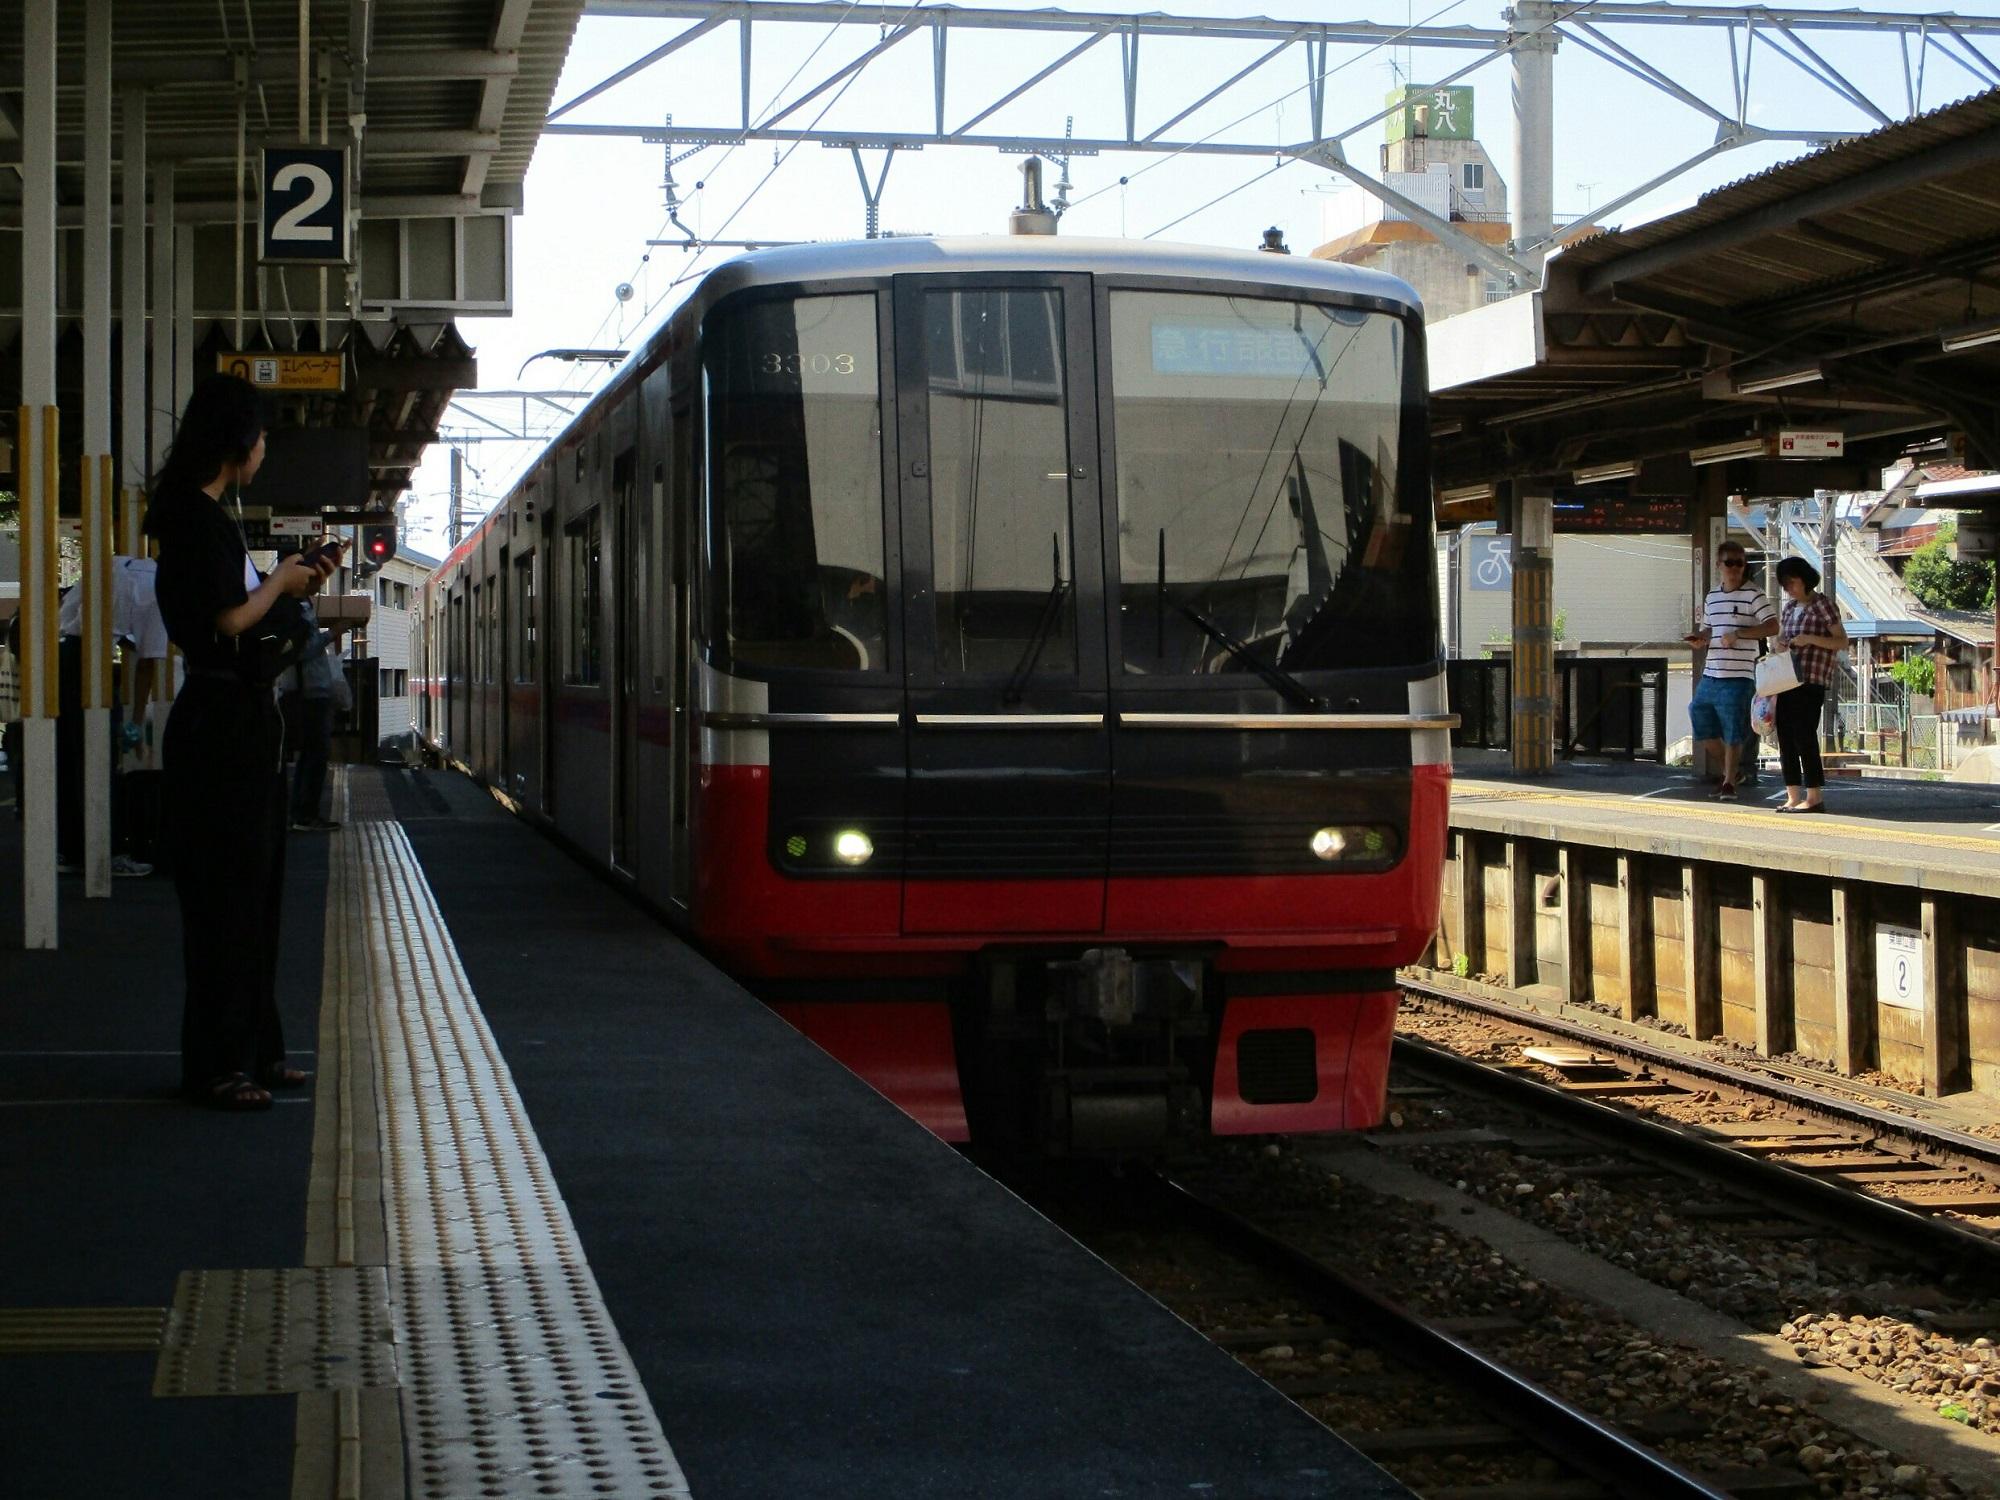 2018.7.23 (14) しんあんじょう - 吉良吉田いき急行 2000-1500